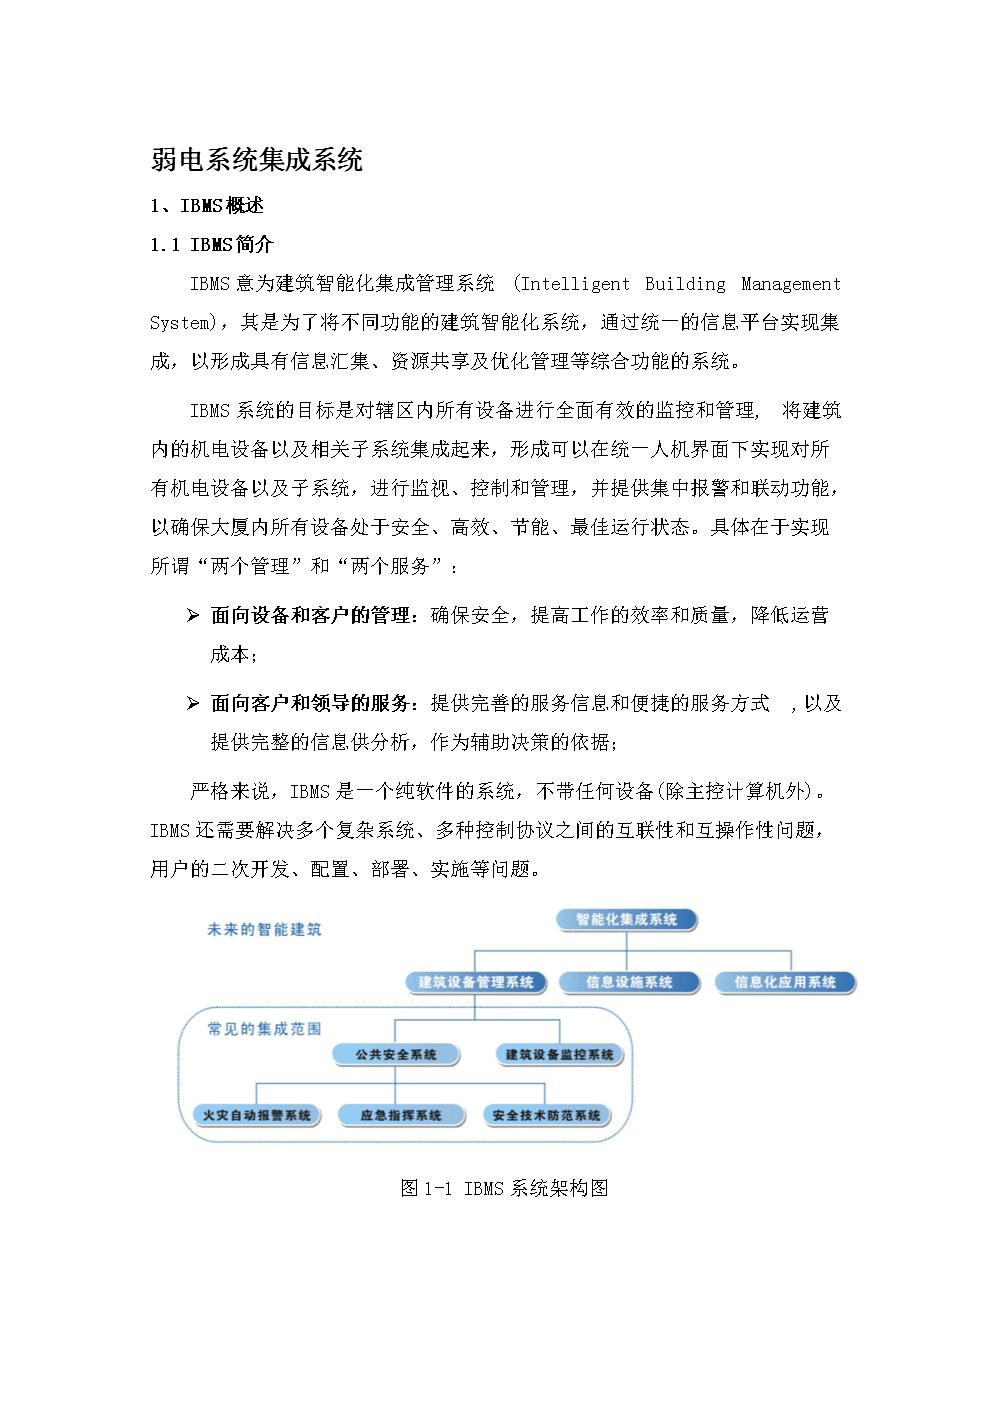 弱电系统集成系统方案.doc